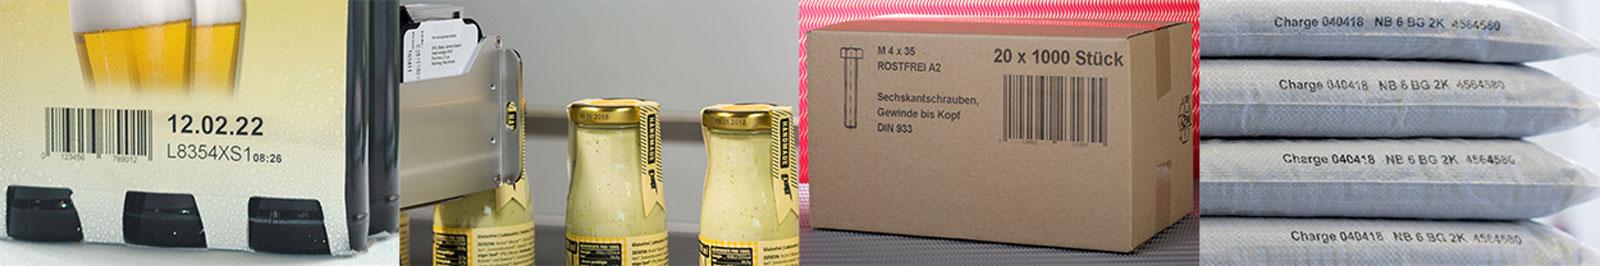 Etikettiermaschinen und Etikettenspender - Bluhm Systems